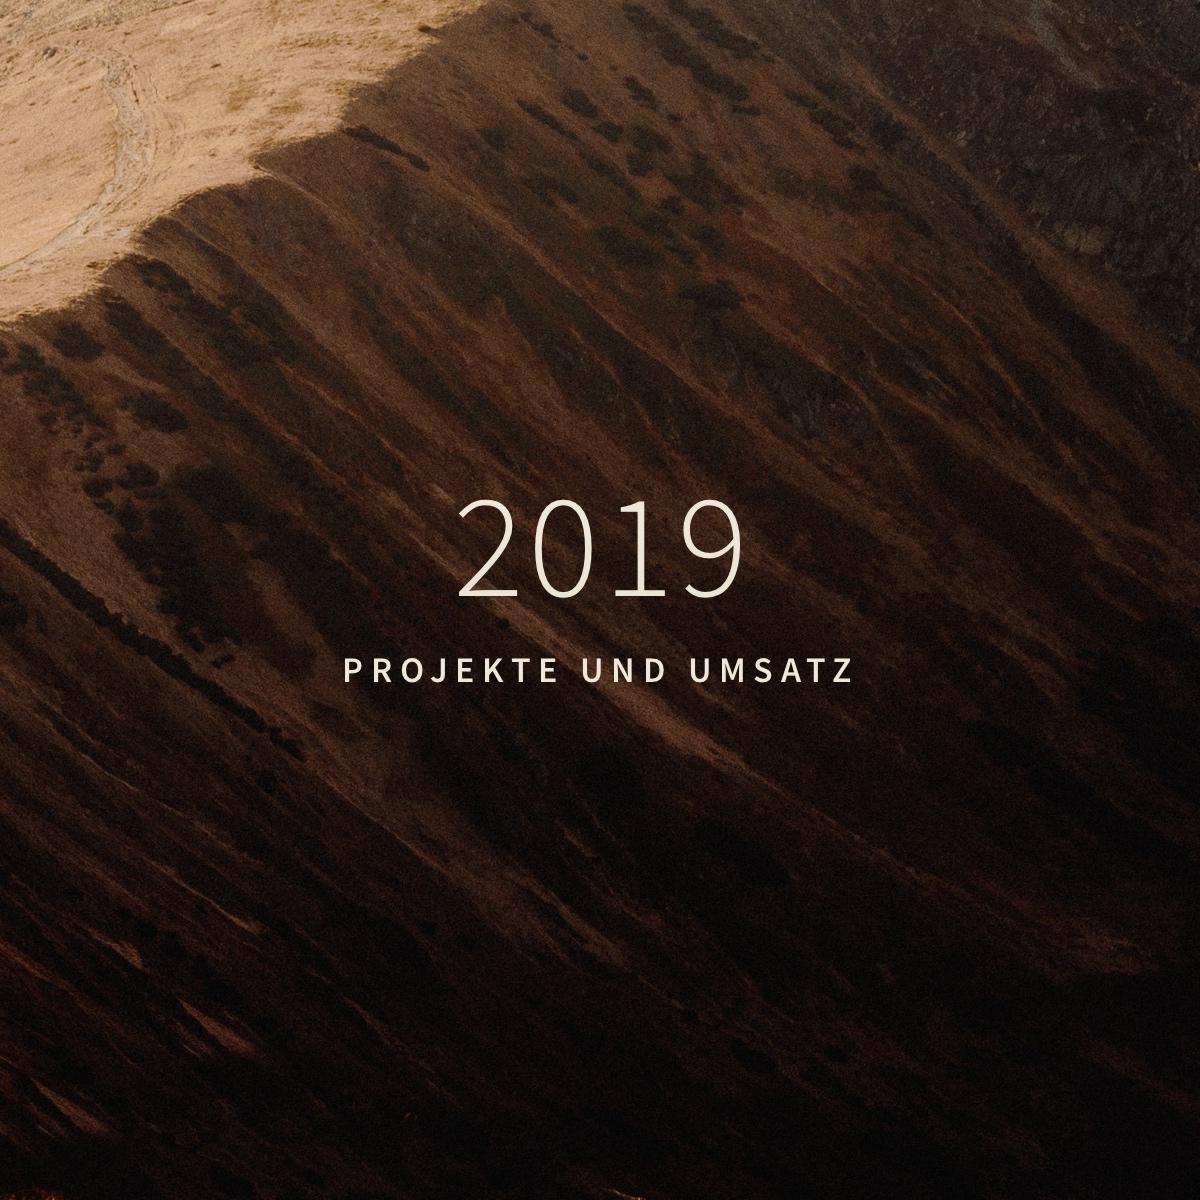 Meine Webdesign Projekte und Umsatz 2019